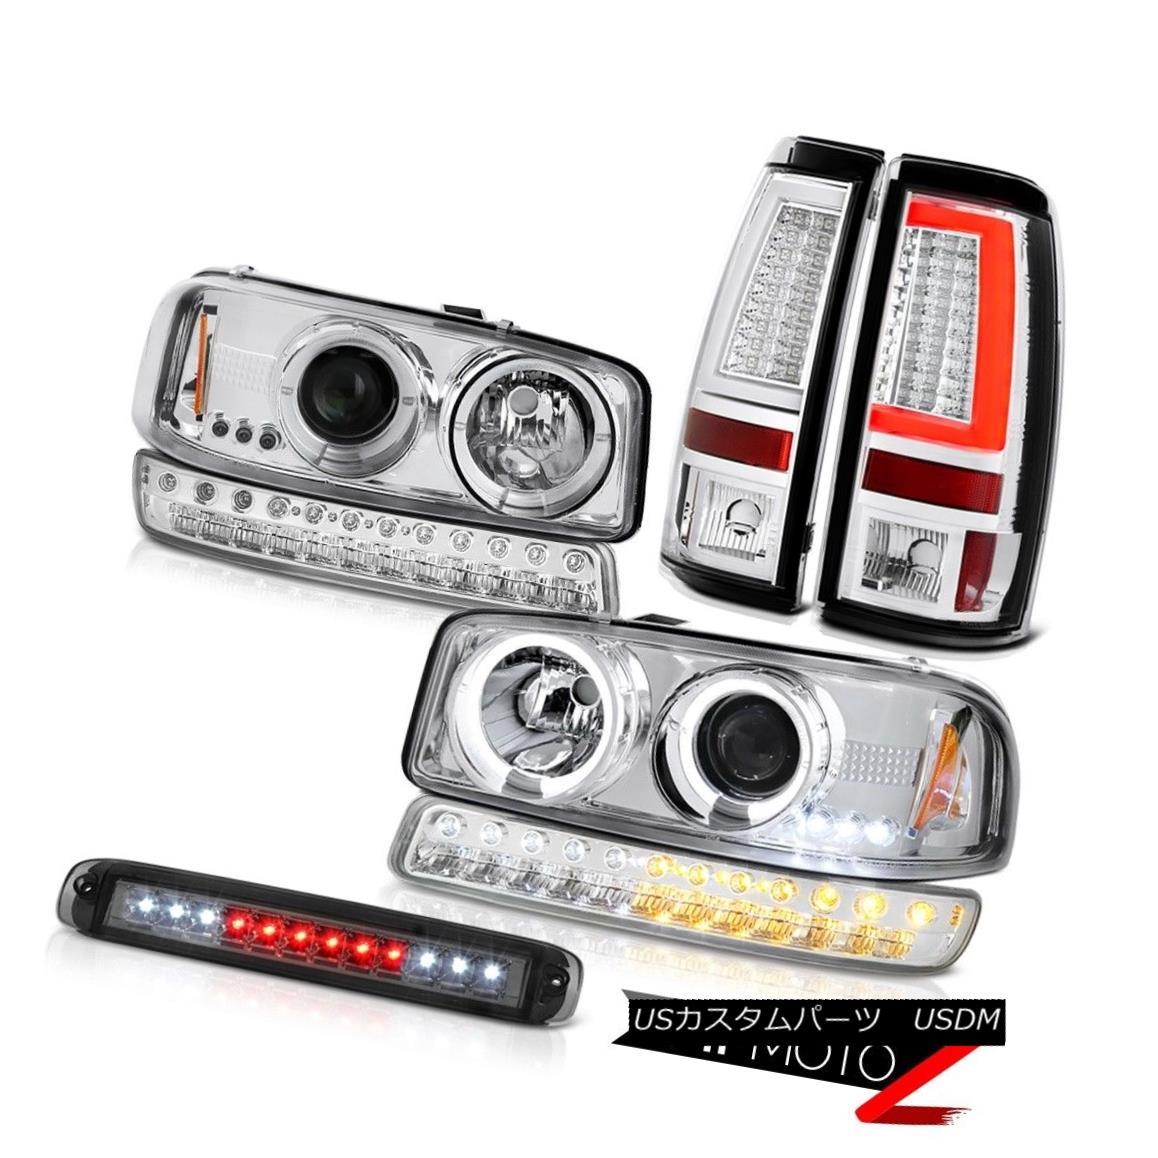 テールライト 99-06 Sierra 1500 Tail Brake Lamps Third Light Signal Headlights